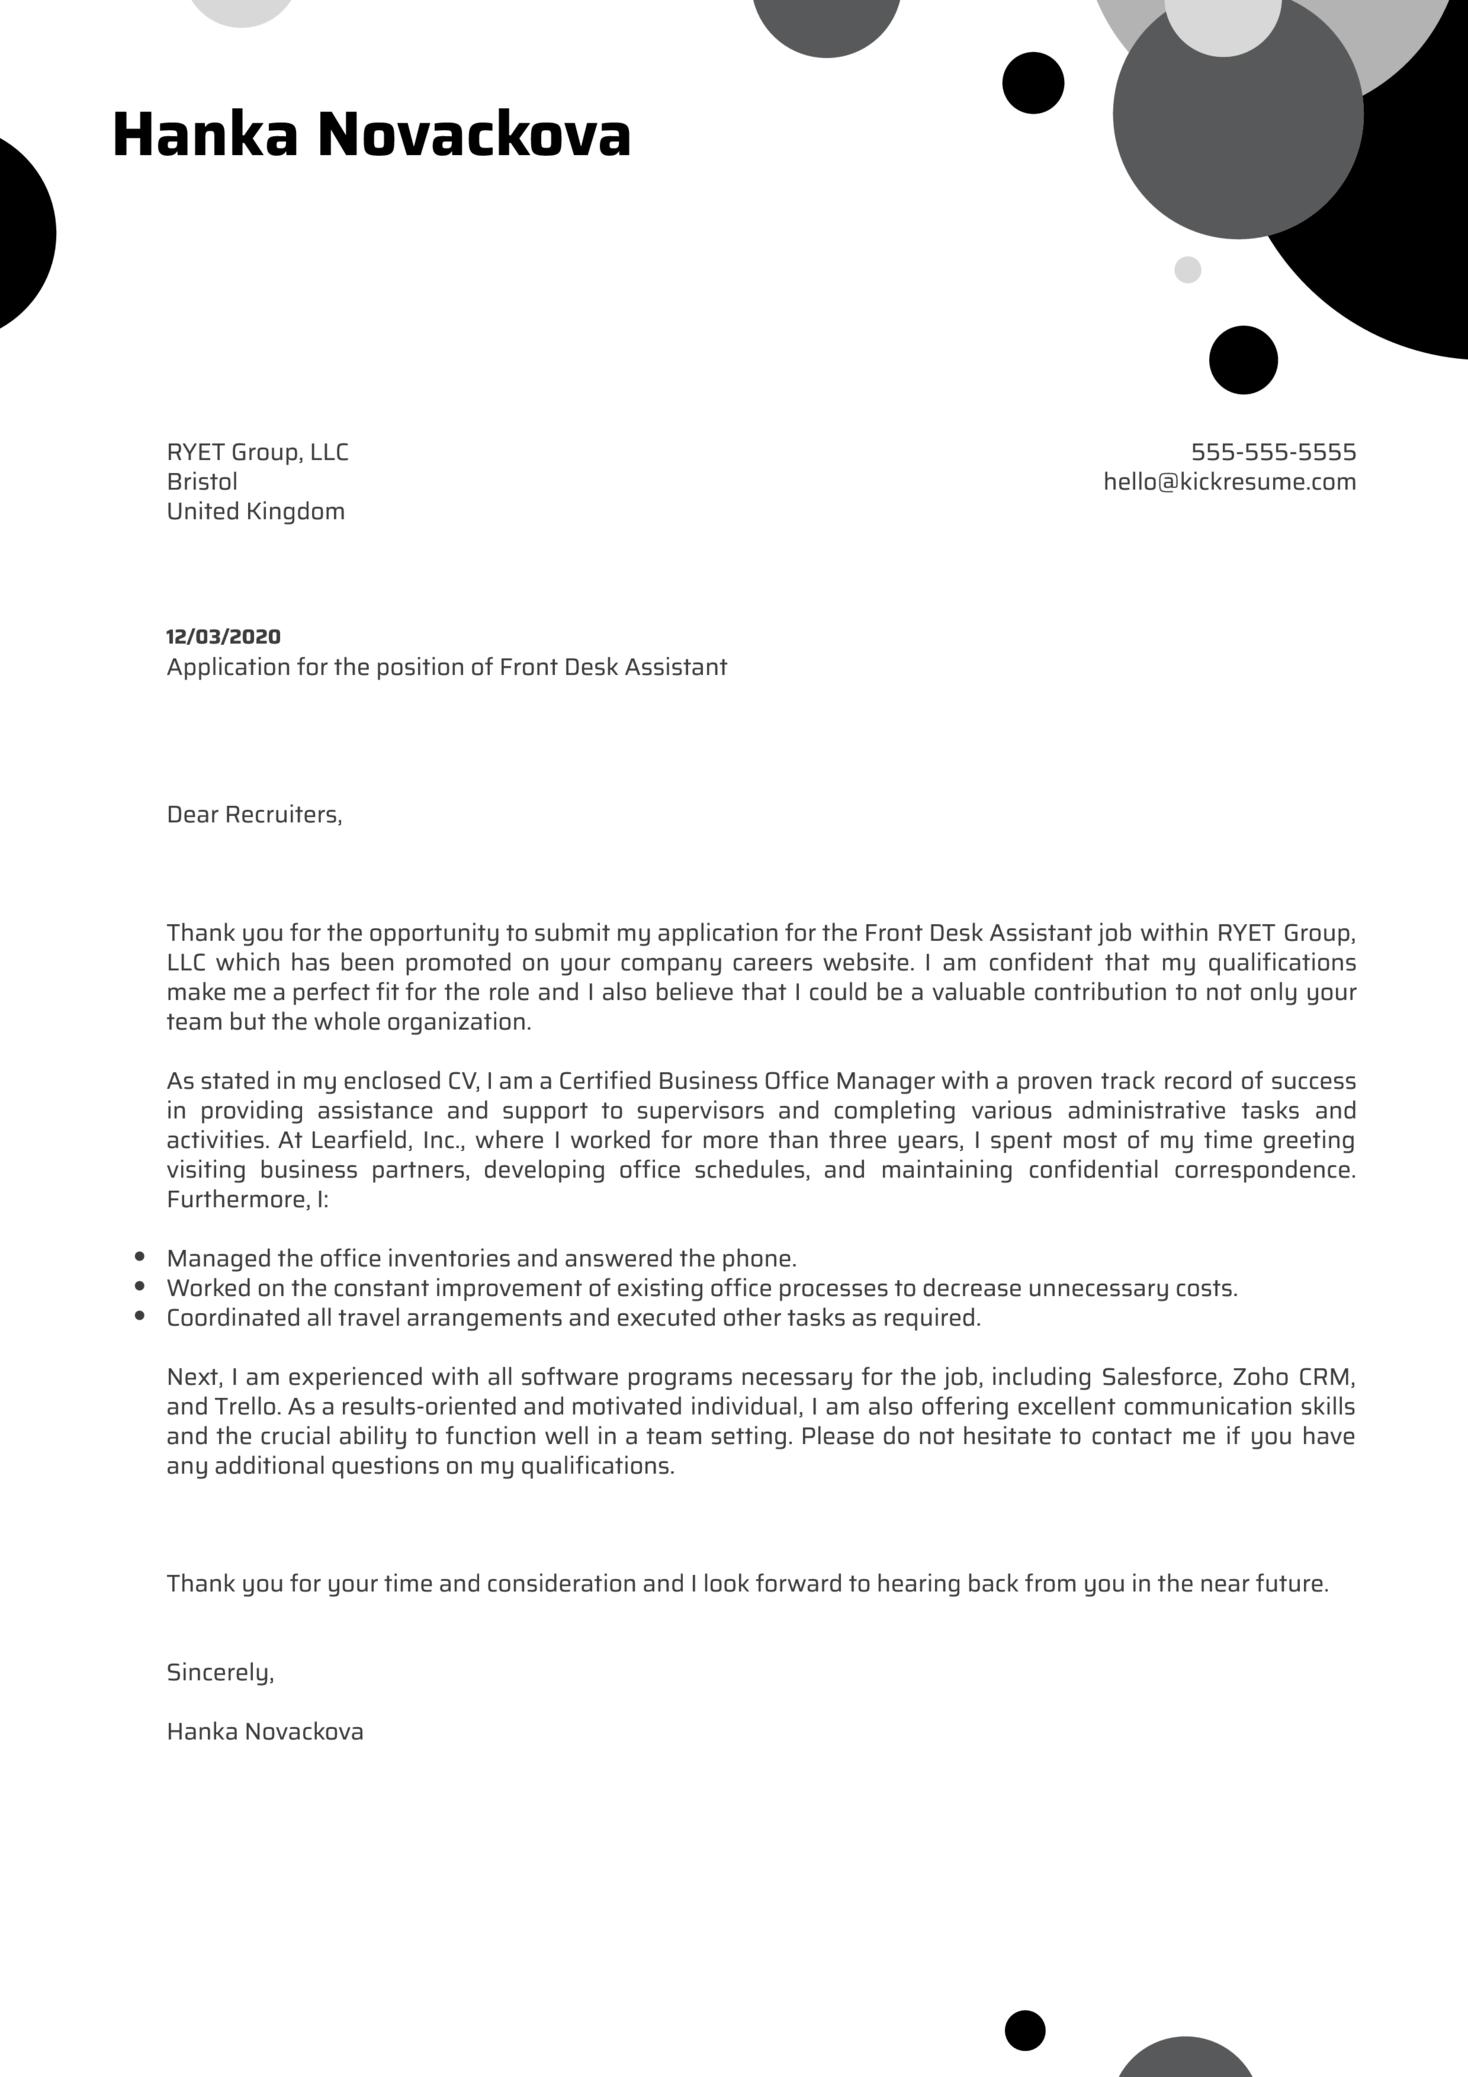 Front Desk Assistant Cover Letter Sample